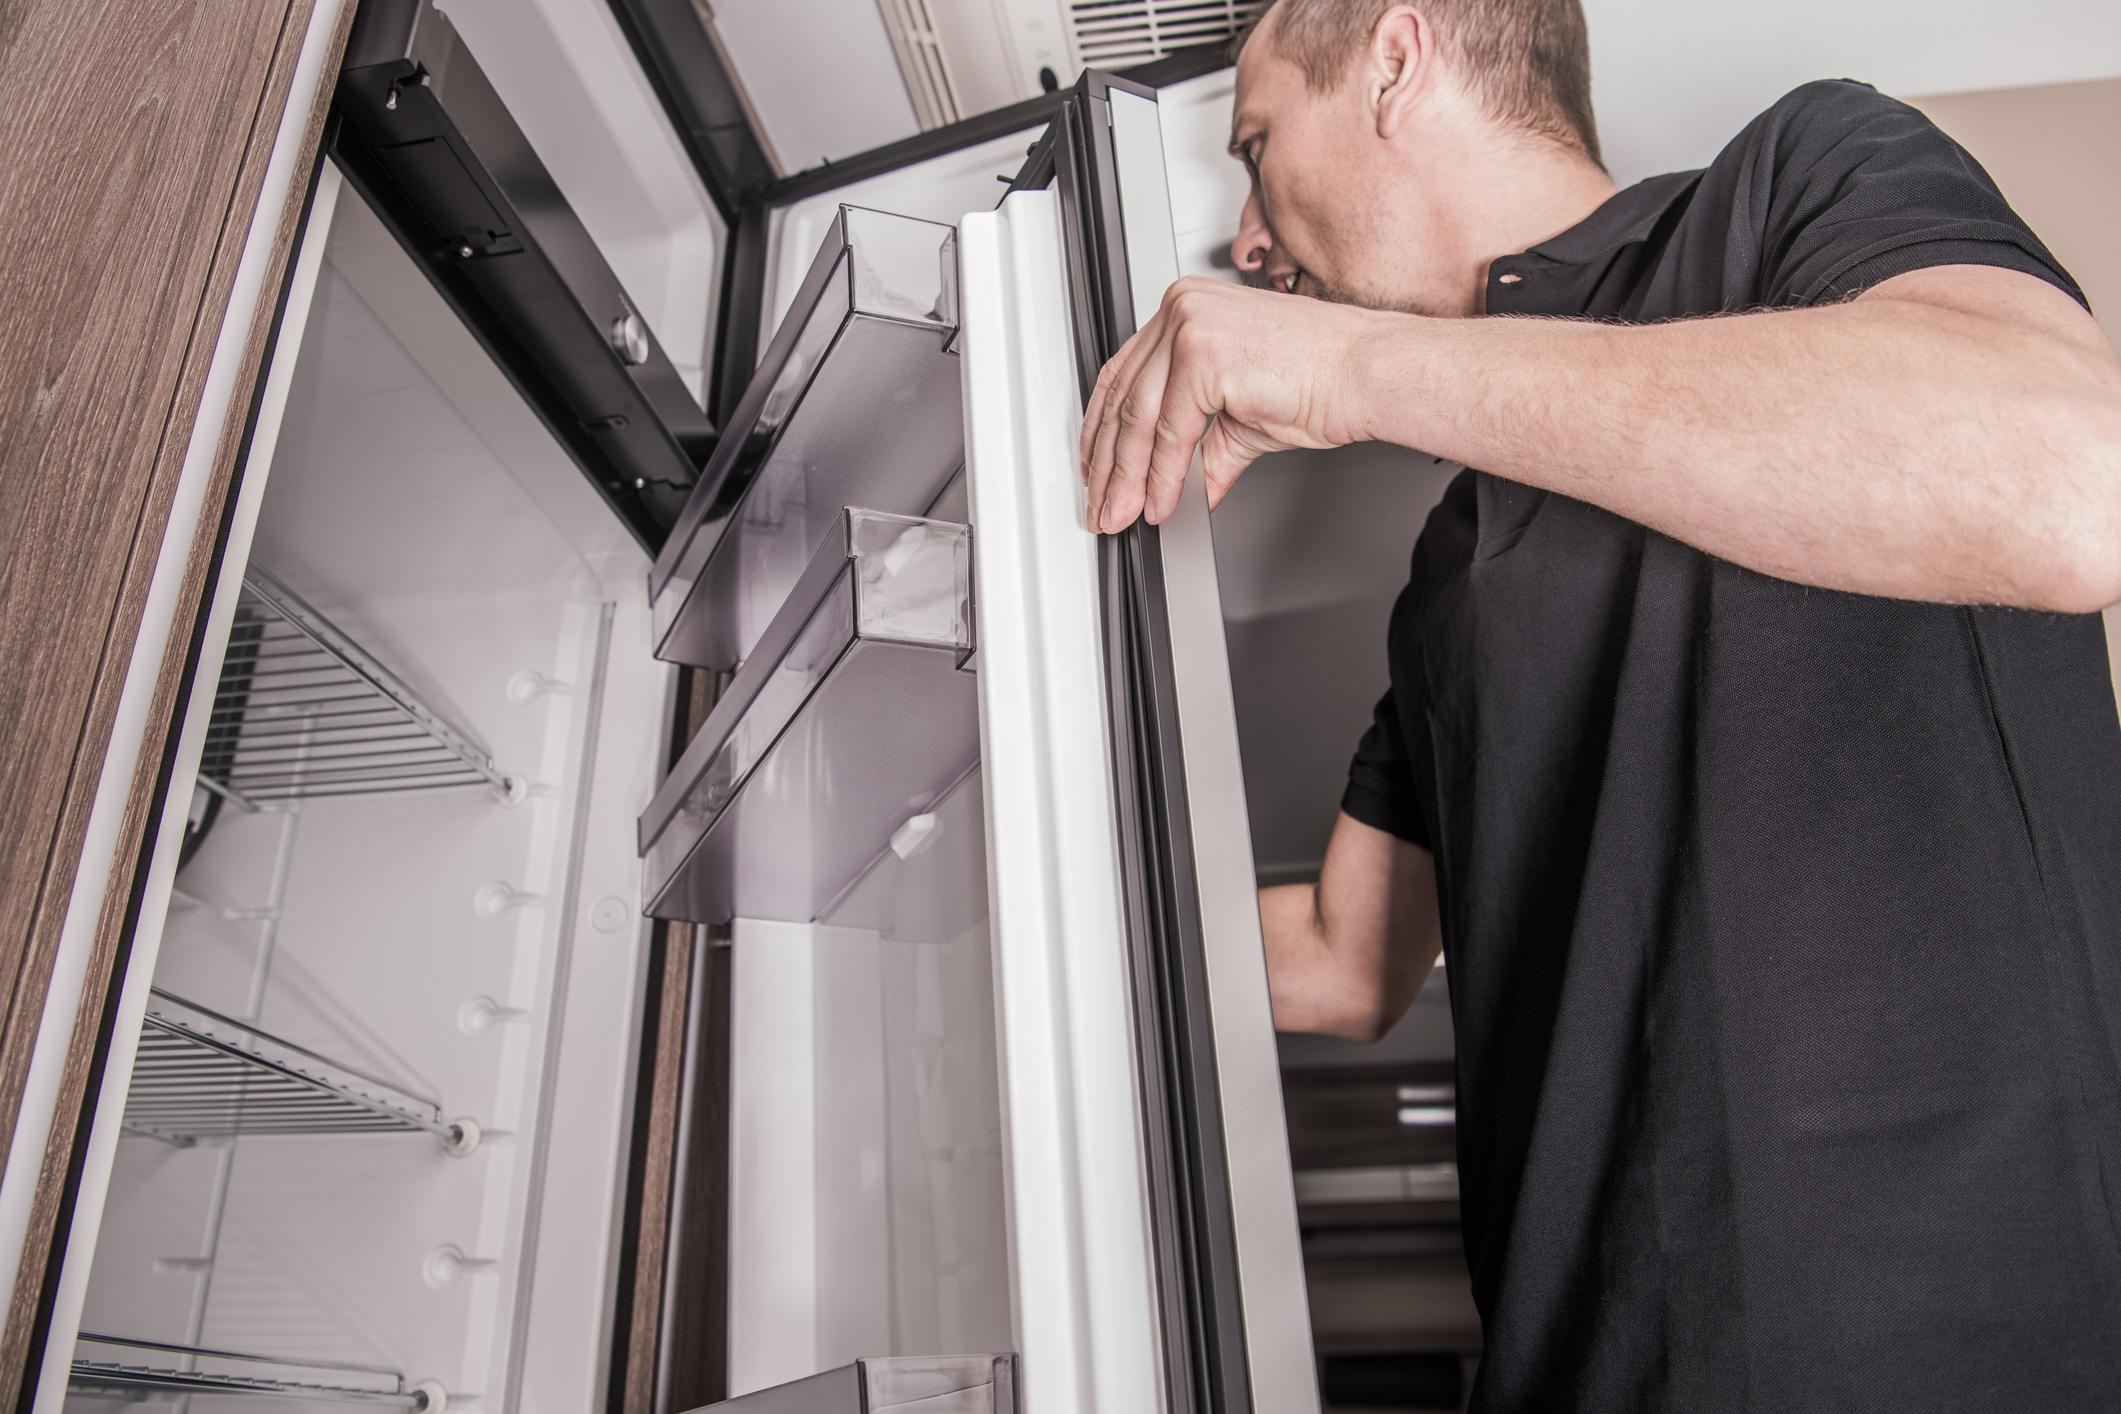 Man inspects an RV fridge.